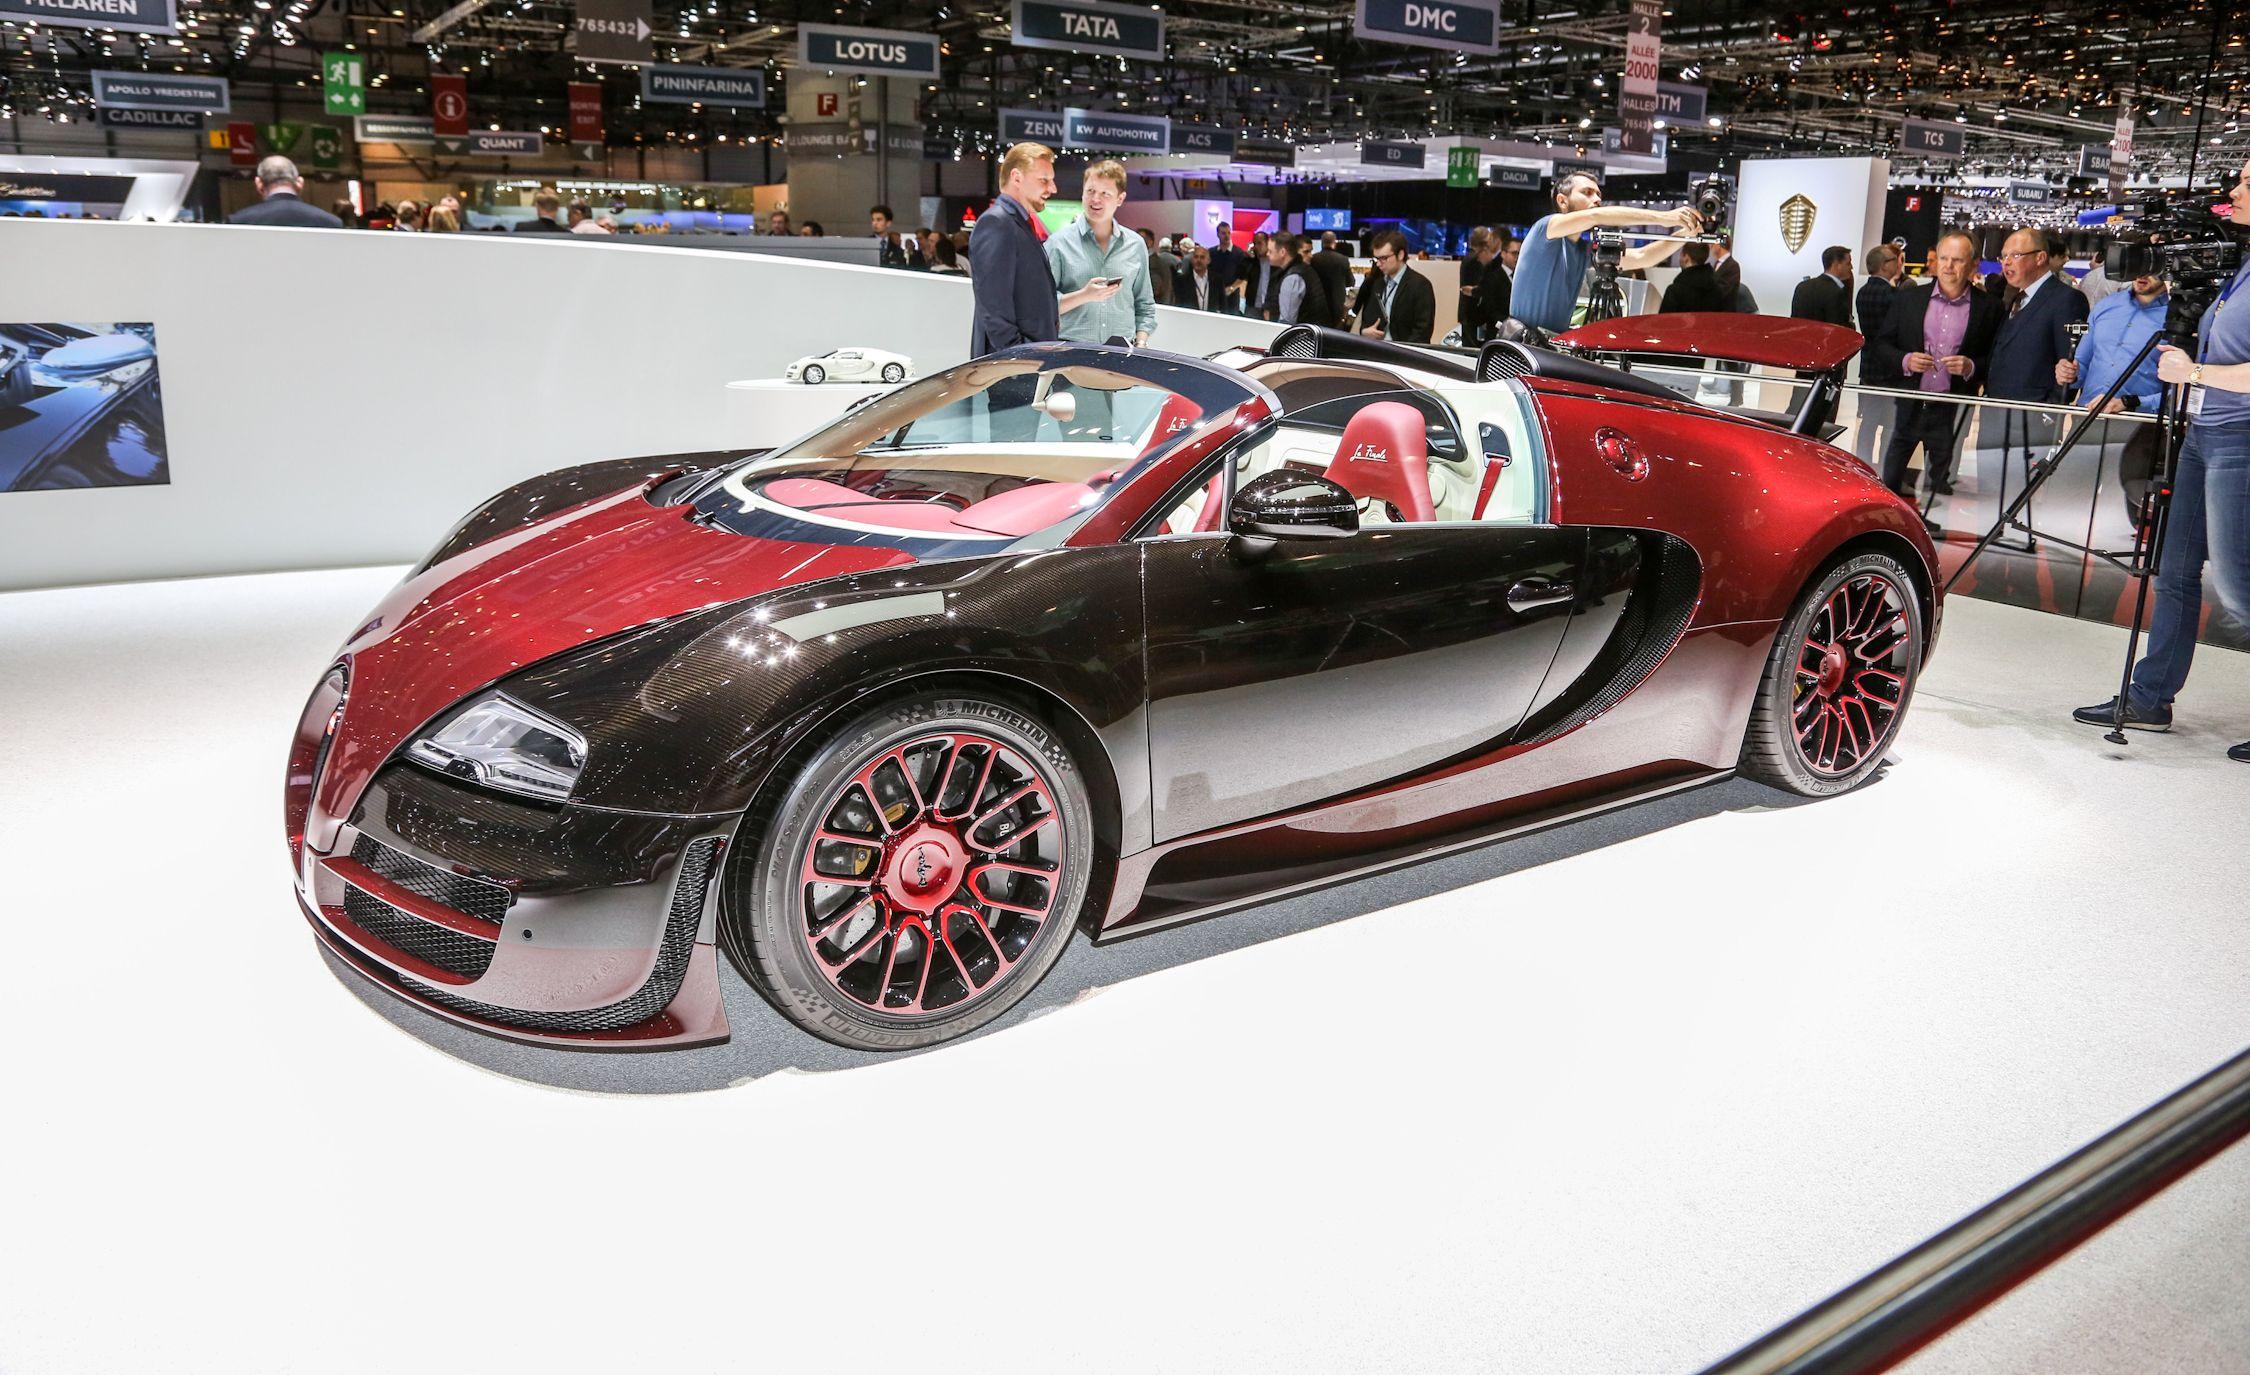 2015-Bugatti-Veyron-16-4-Grand-Sport-Vitesse-La-Finale-201 Cozy Bugatti Veyron Rembrandt Edition Price Cars Trend